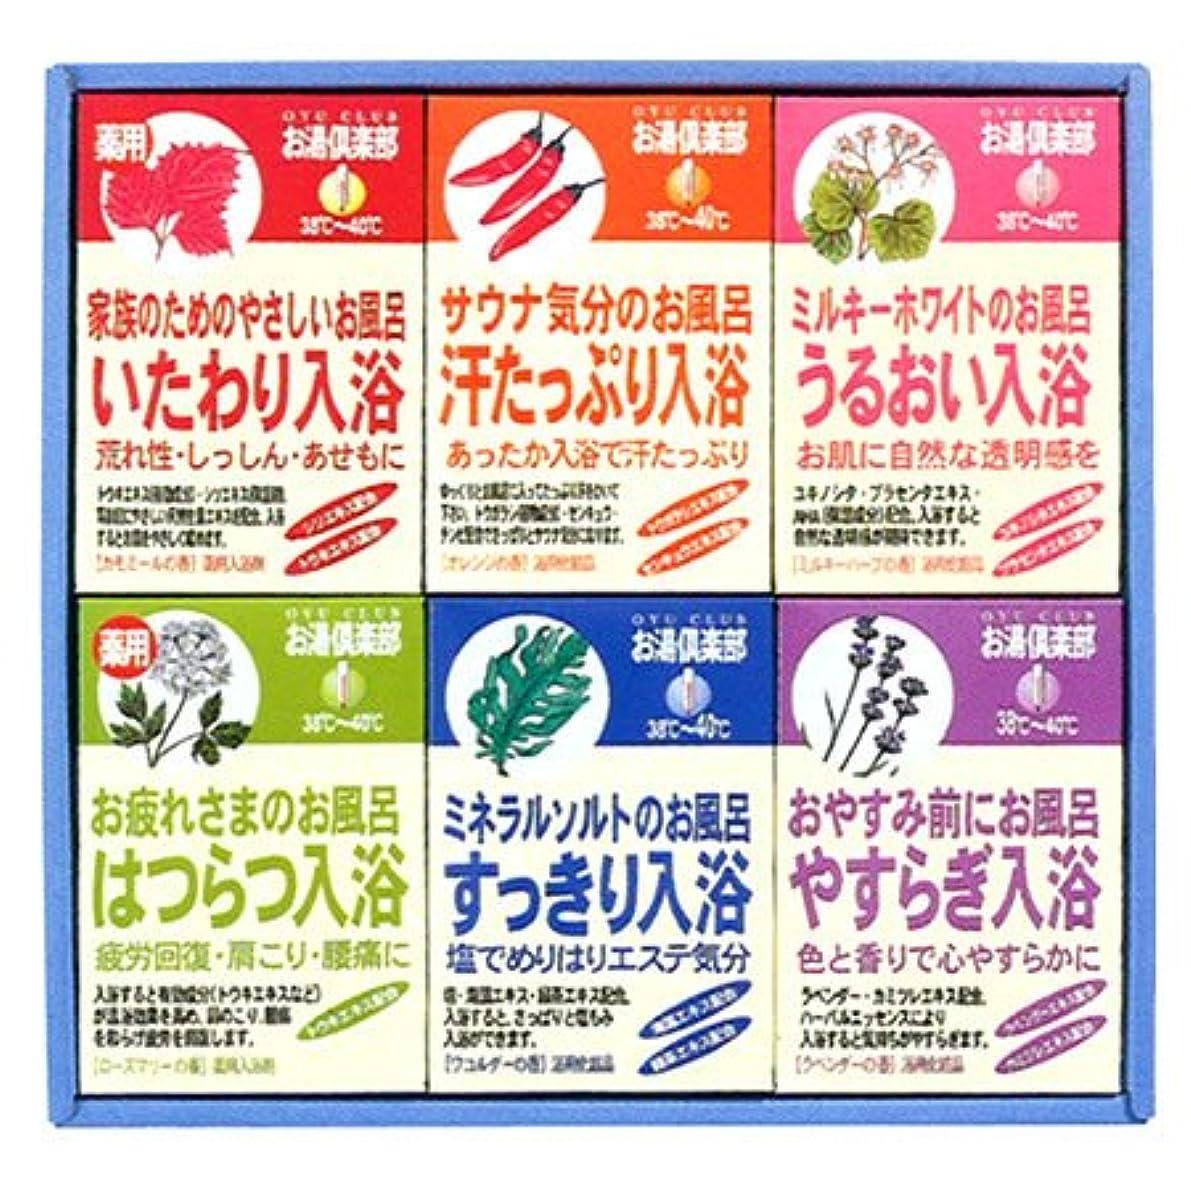 関与するスキーム暗殺お湯倶楽部 タイプ別入浴剤 6種30包入 ギフトに最適